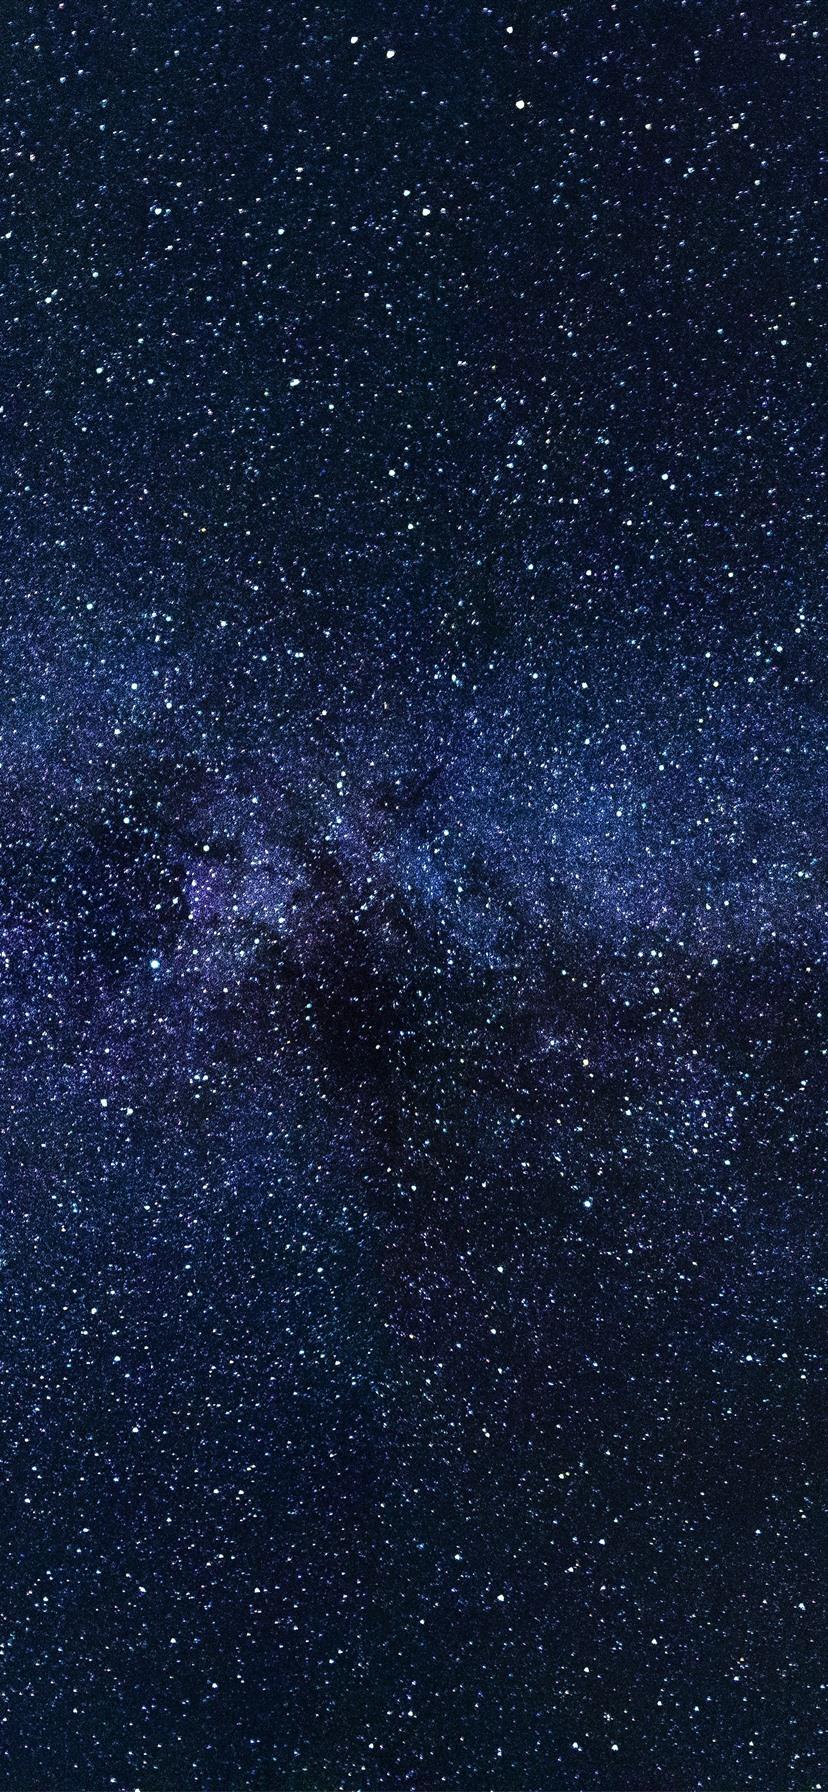 Fonds D Ecran Etoile Etoiles Espace Nuit 5120x2880 Uhd 5k Image